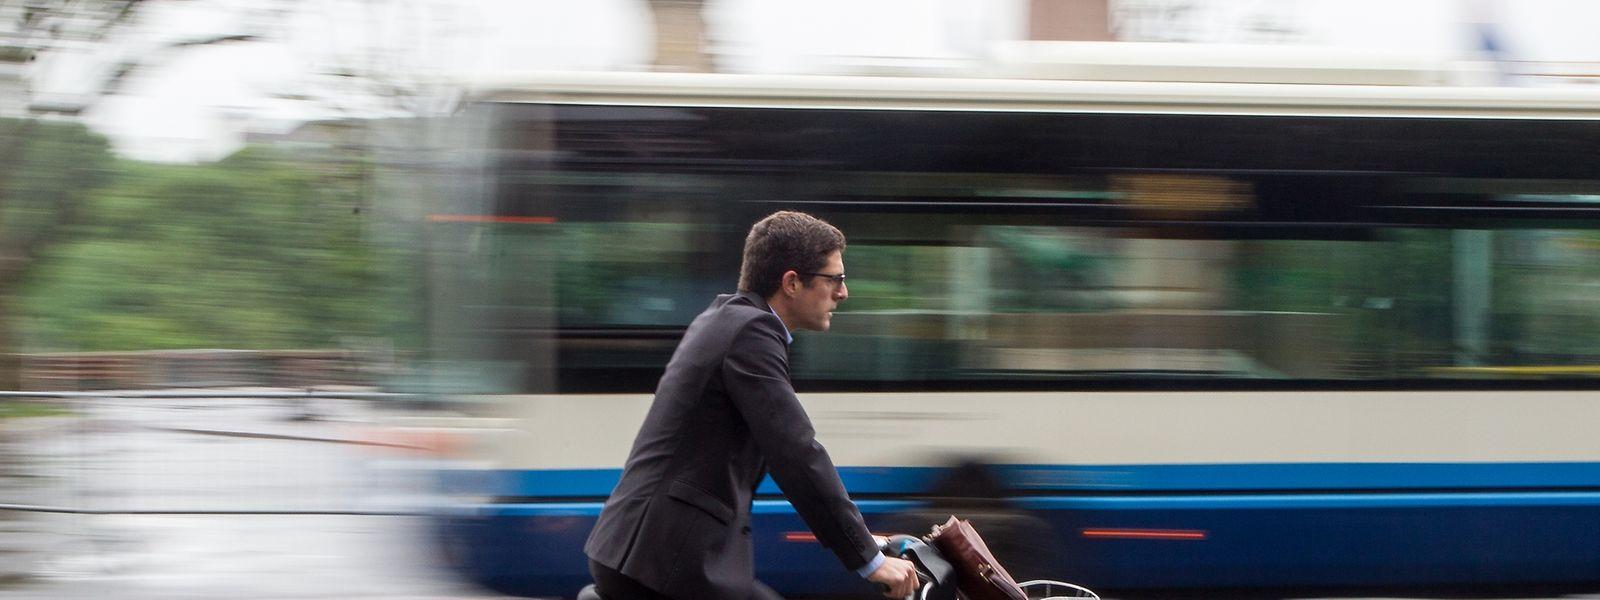 Immer mehr Luxemburger steigen auf umweltschonende Verkehrsmittel um.